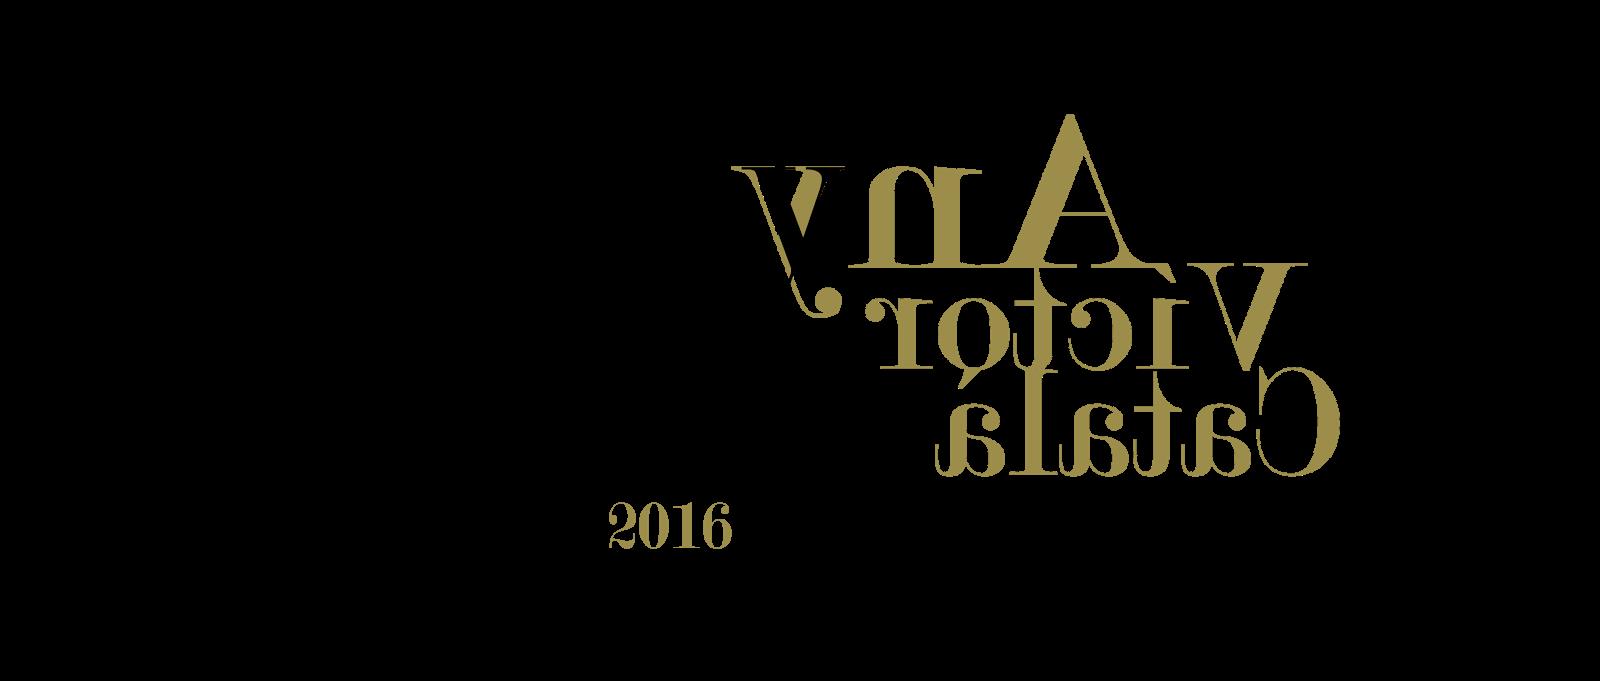 50è Aniversari de la mort de Víctor Català